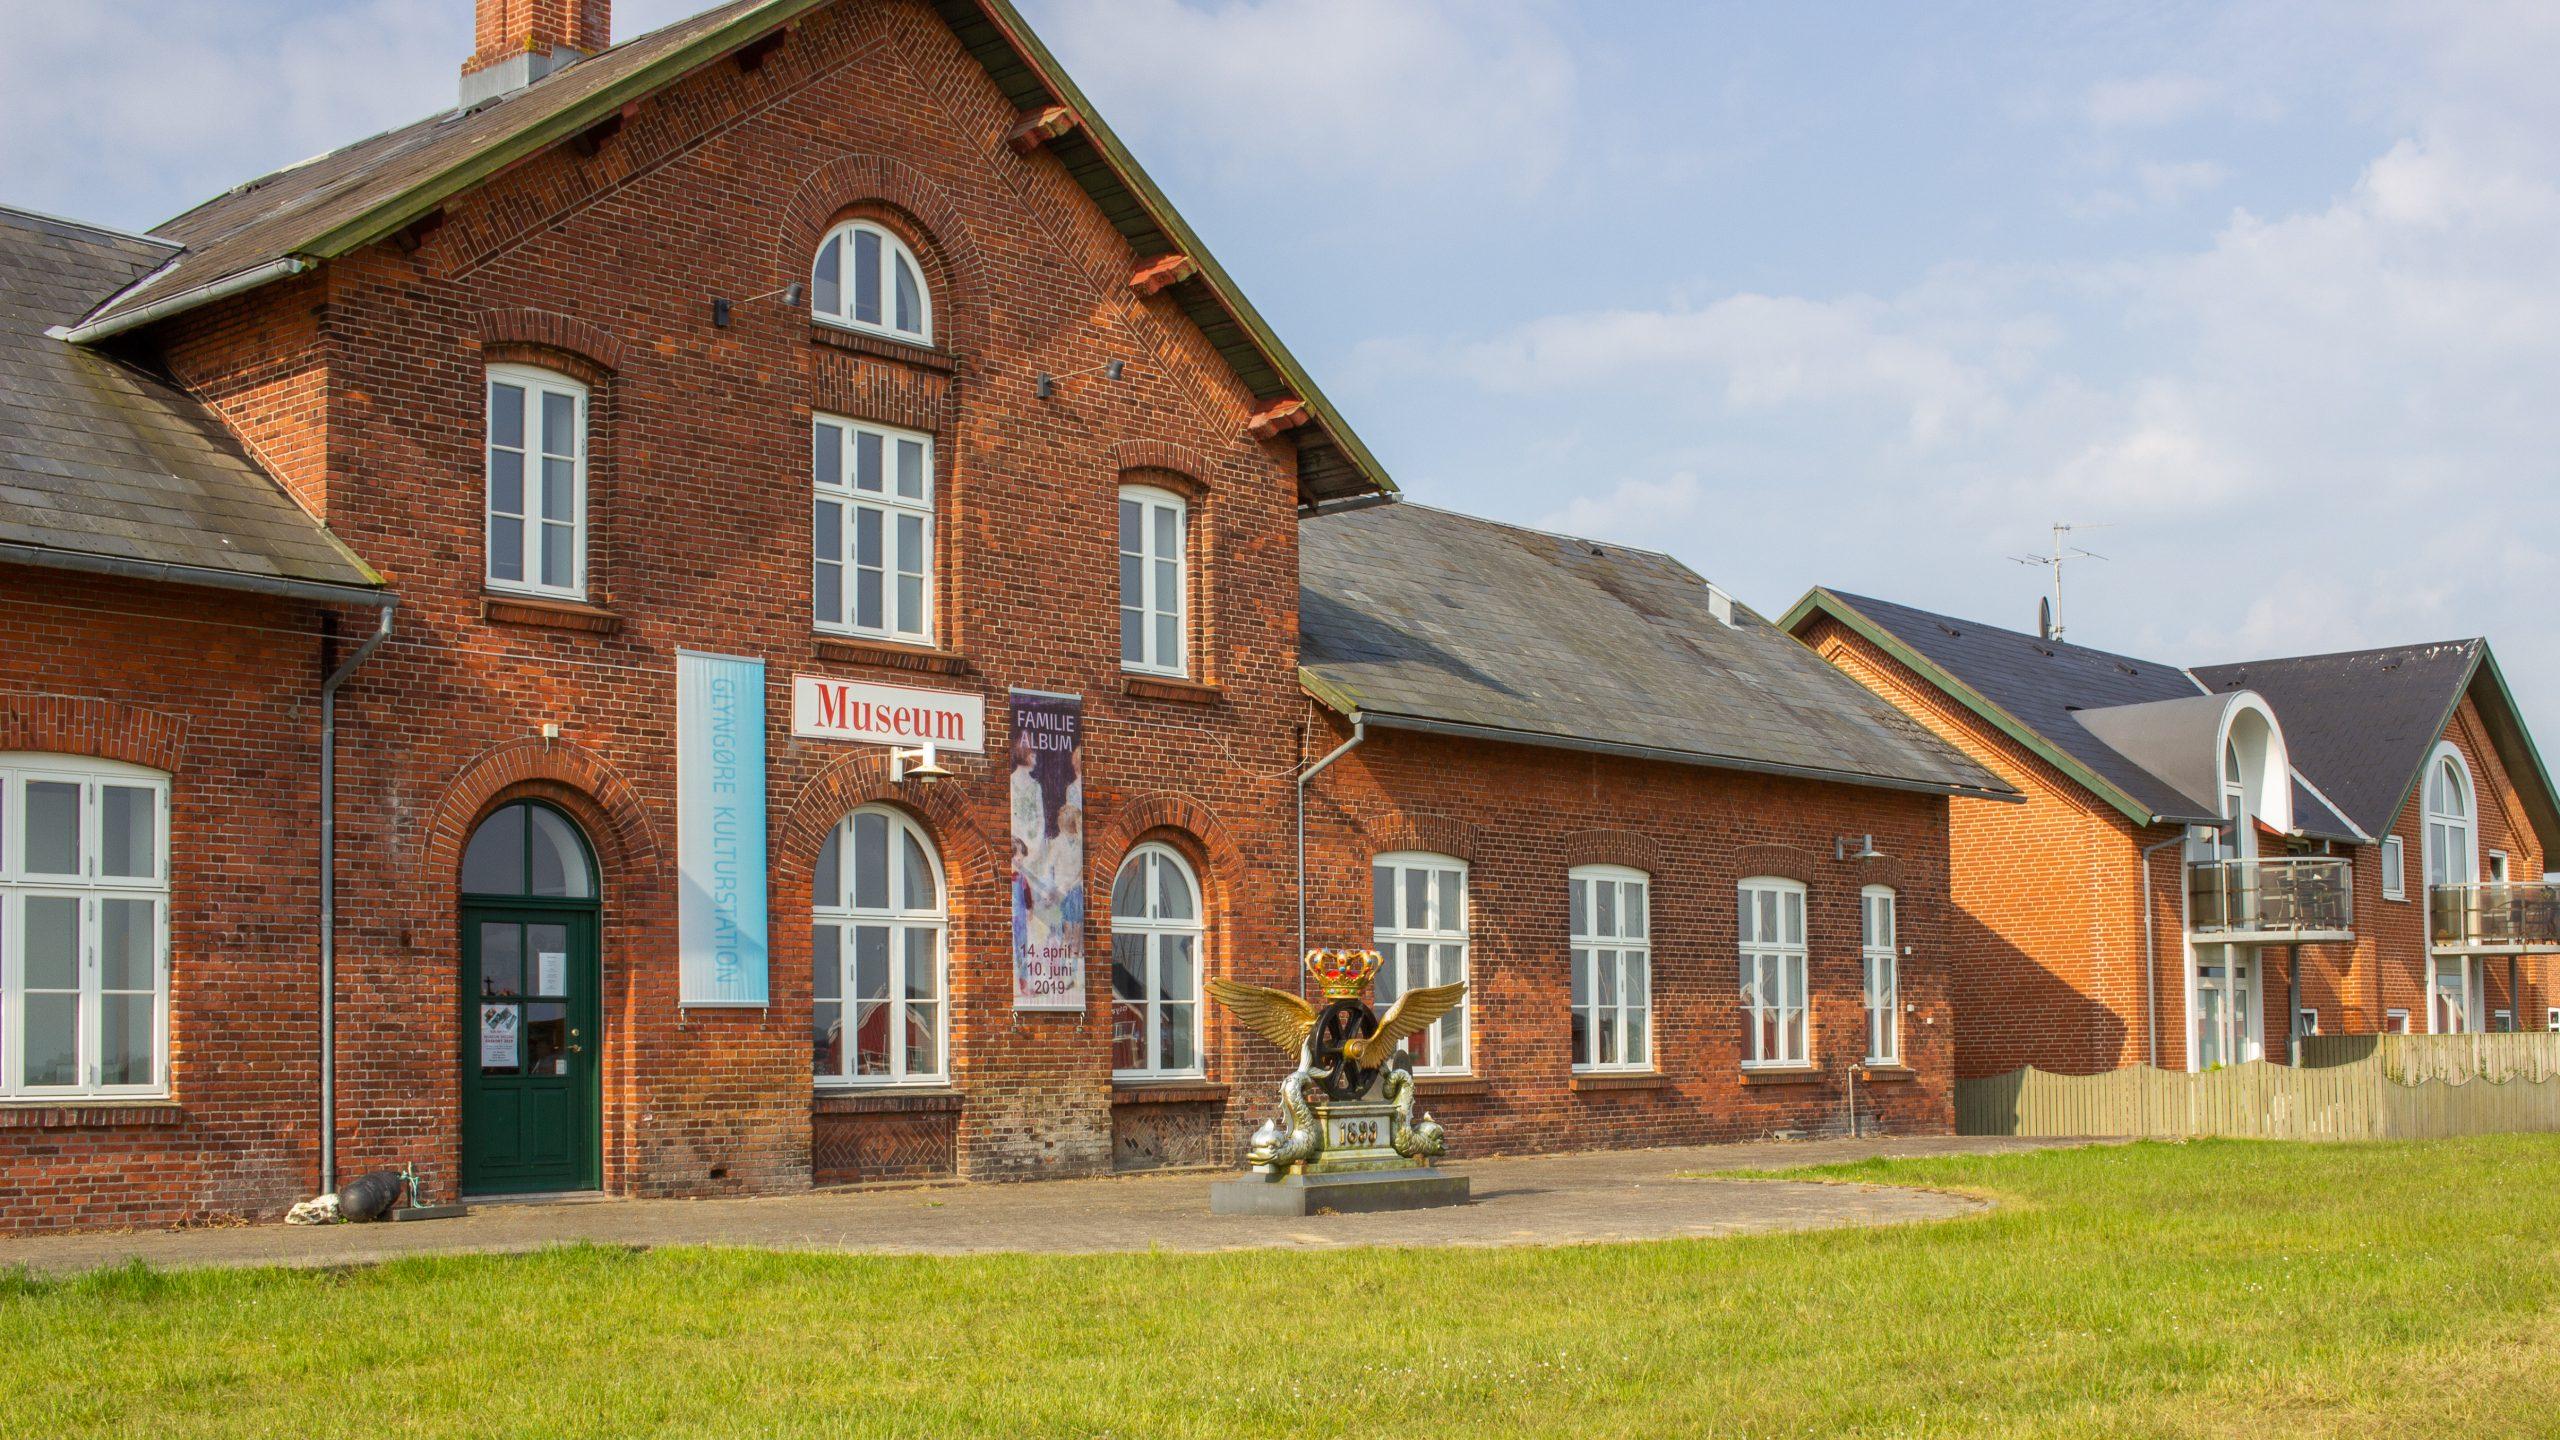 Glyngøre Kulturstation på nordspidsen af Salling var sidste år nummer 300 ud af 300 over de mest besøgte attraktioner i Danmark. Fremsendt foto fra Glyngøre Kulturstation, en del af Museum Salling.